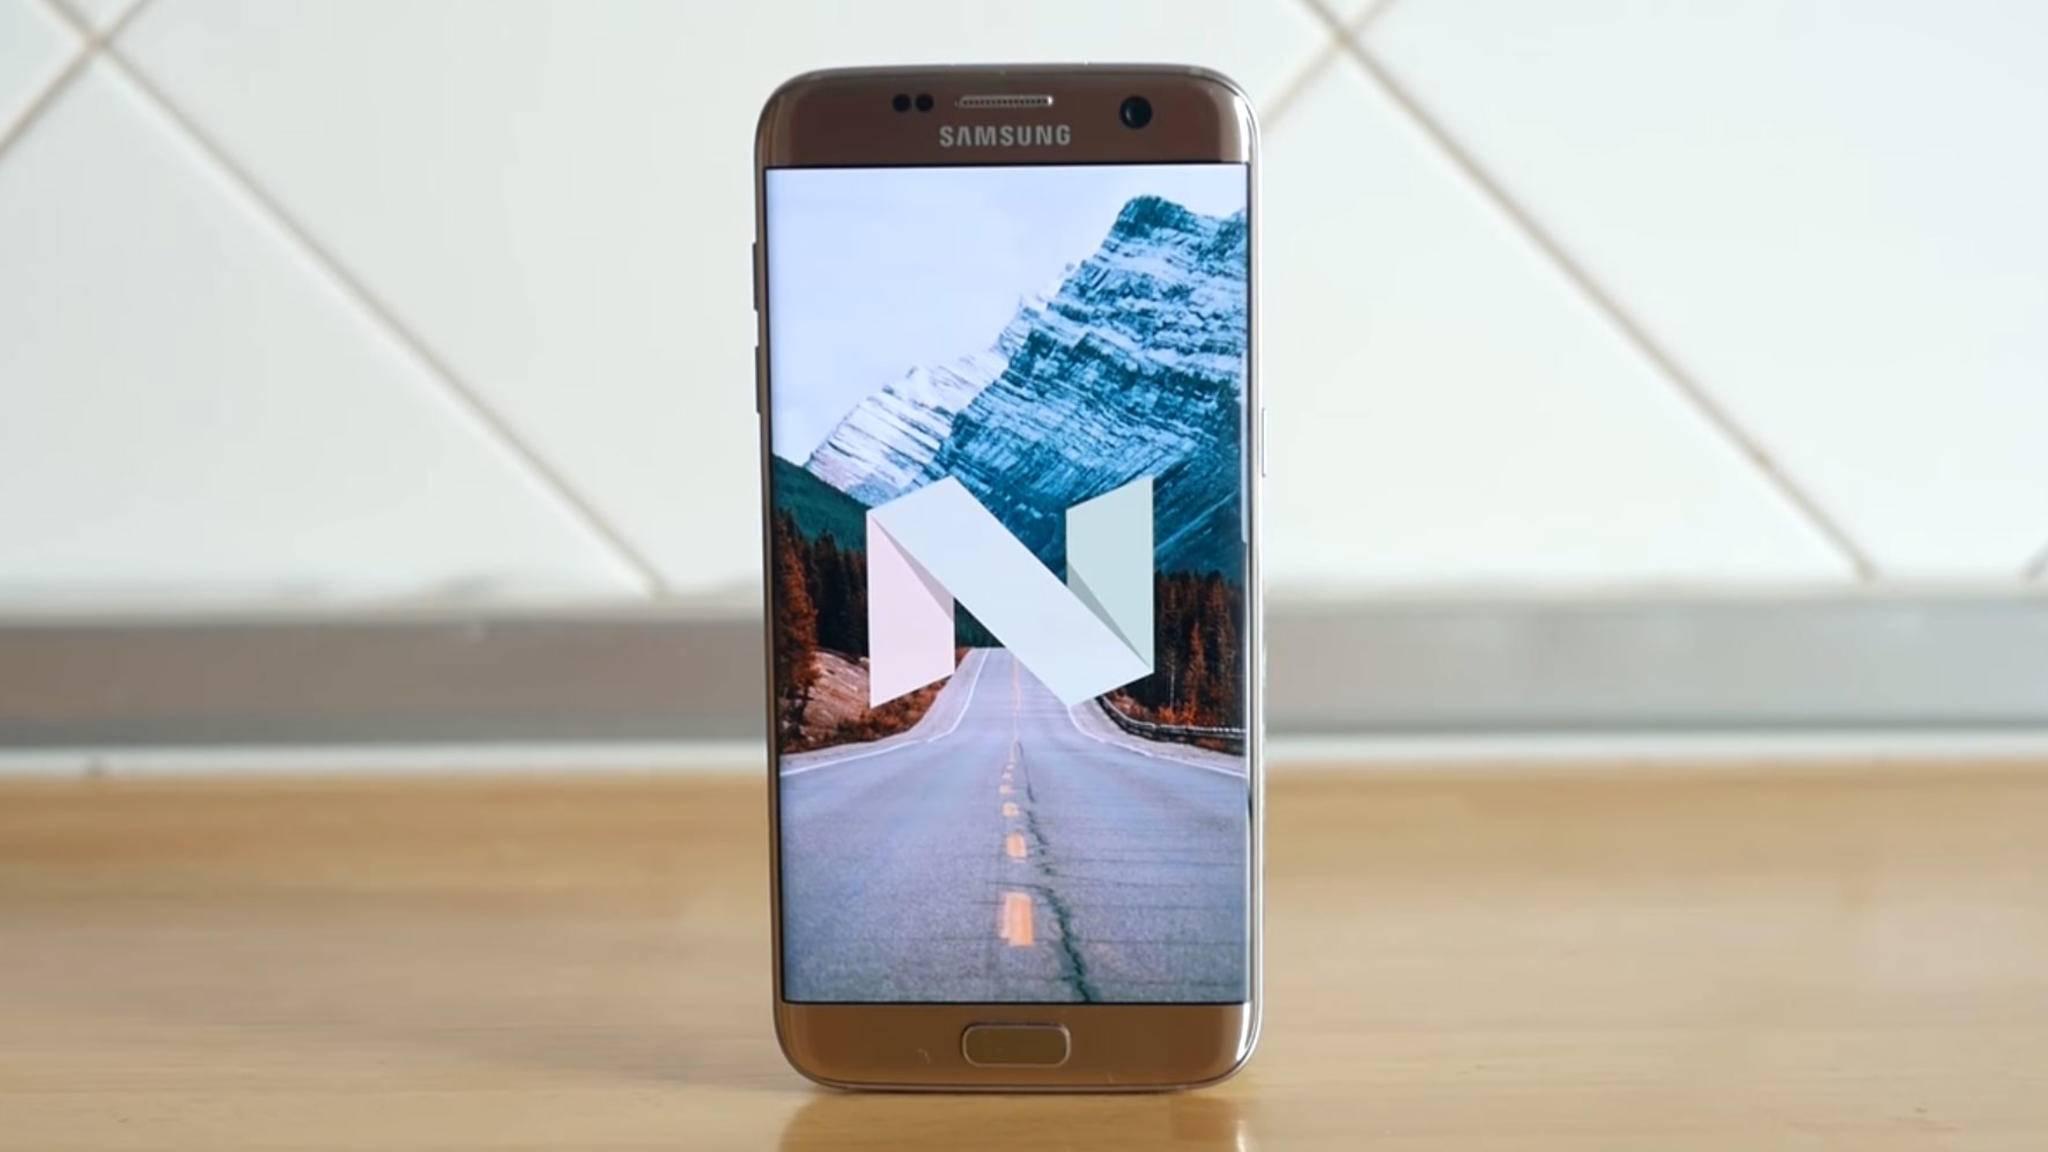 Manche Samsung Galaxy S7 haben nach dem Update WLAN-Probleme.